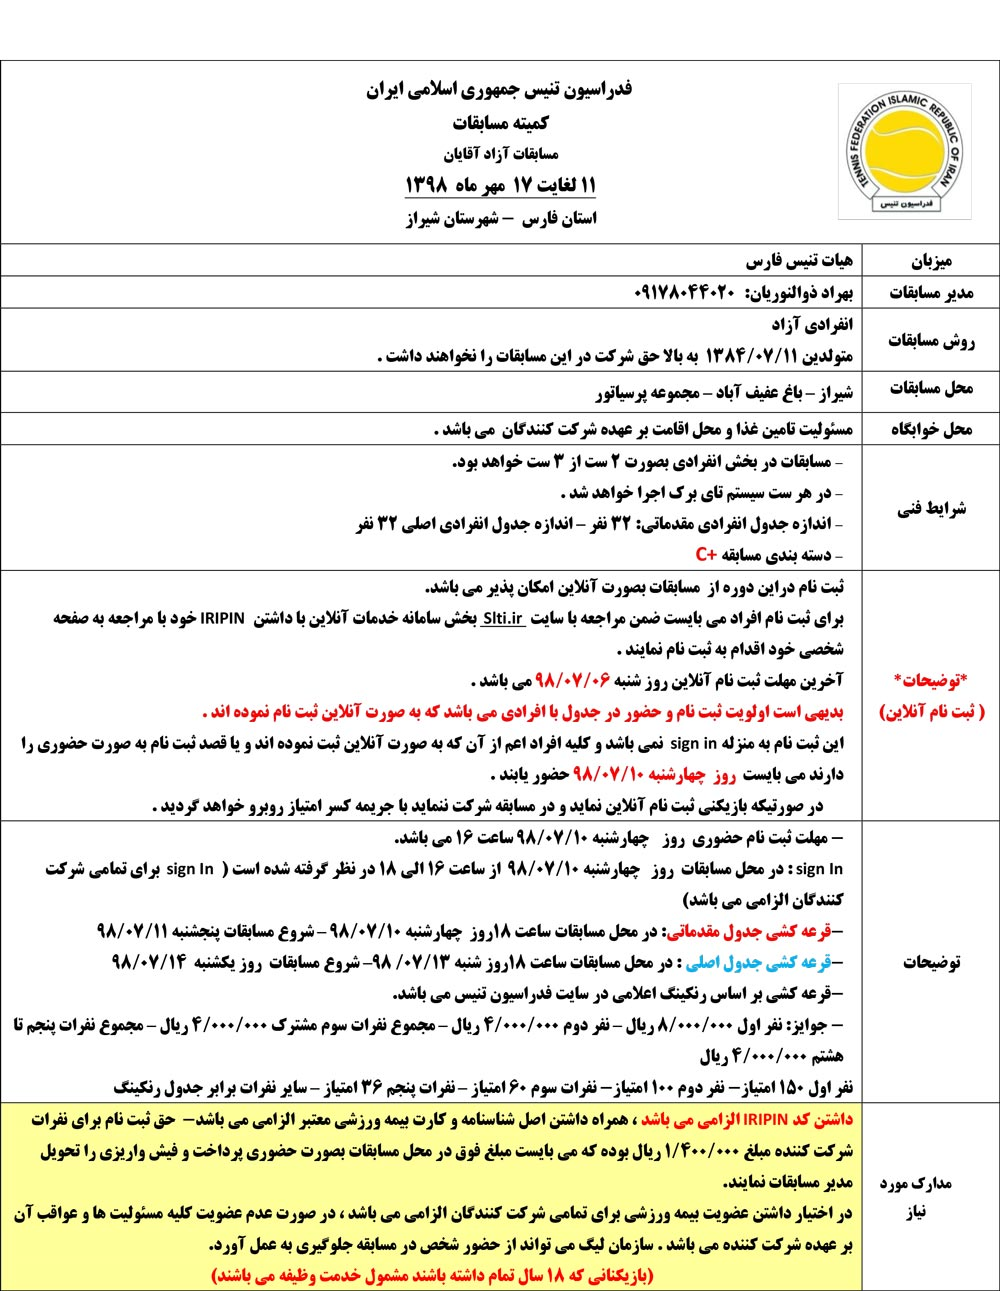 مسابقات کشوری تنیس آزاد اقایان شیراز (جام اسکالش)